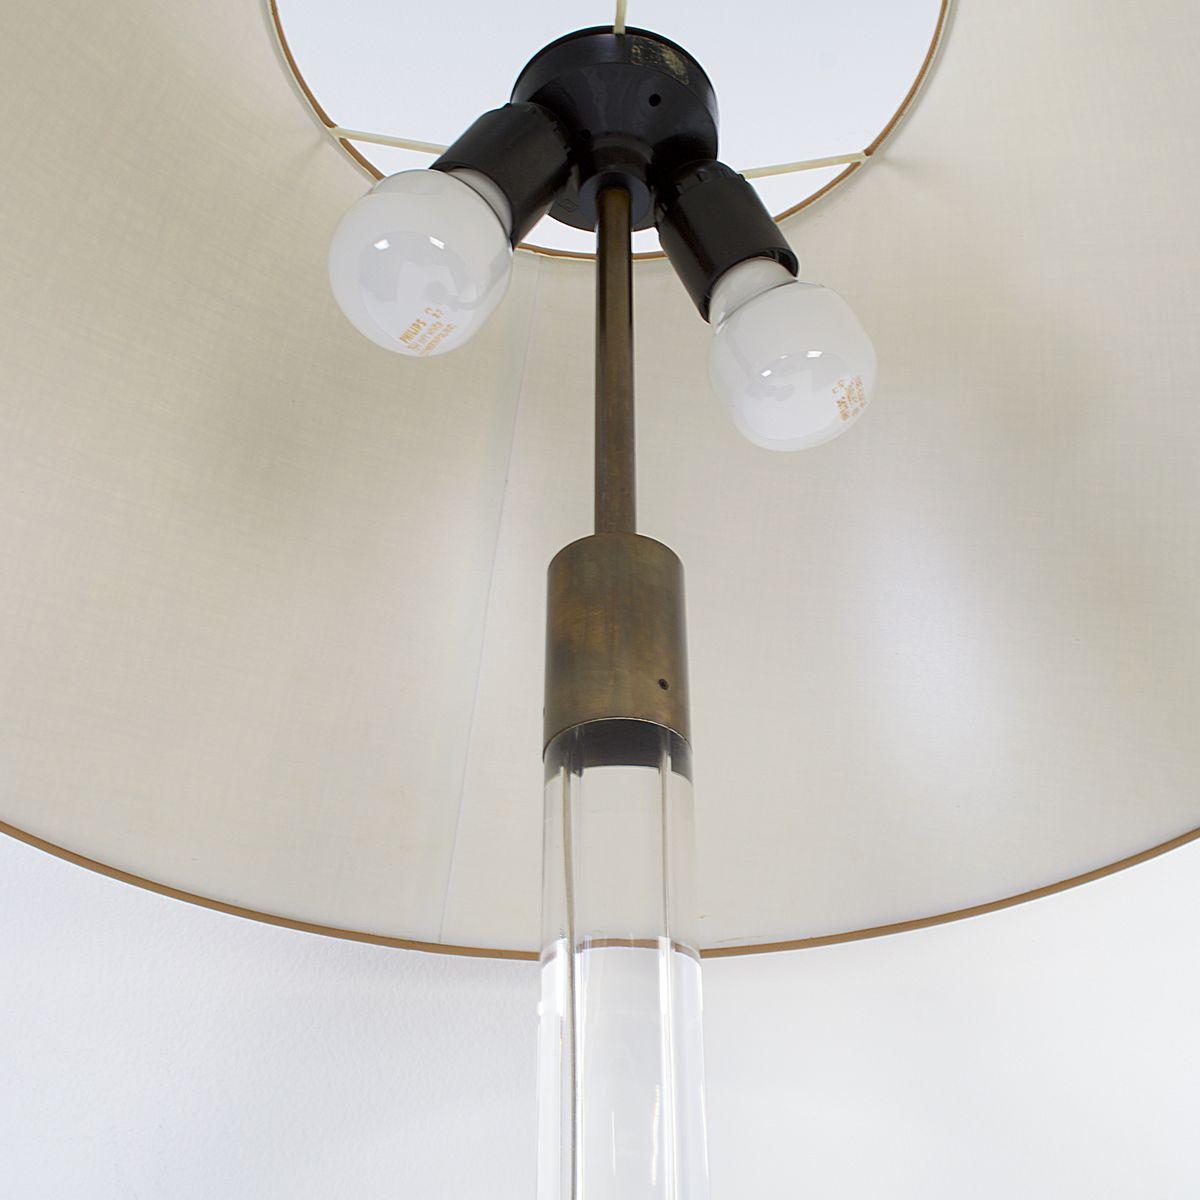 vintage tischlampe mit schirm und zweifacher fassung bei pamono kaufen. Black Bedroom Furniture Sets. Home Design Ideas